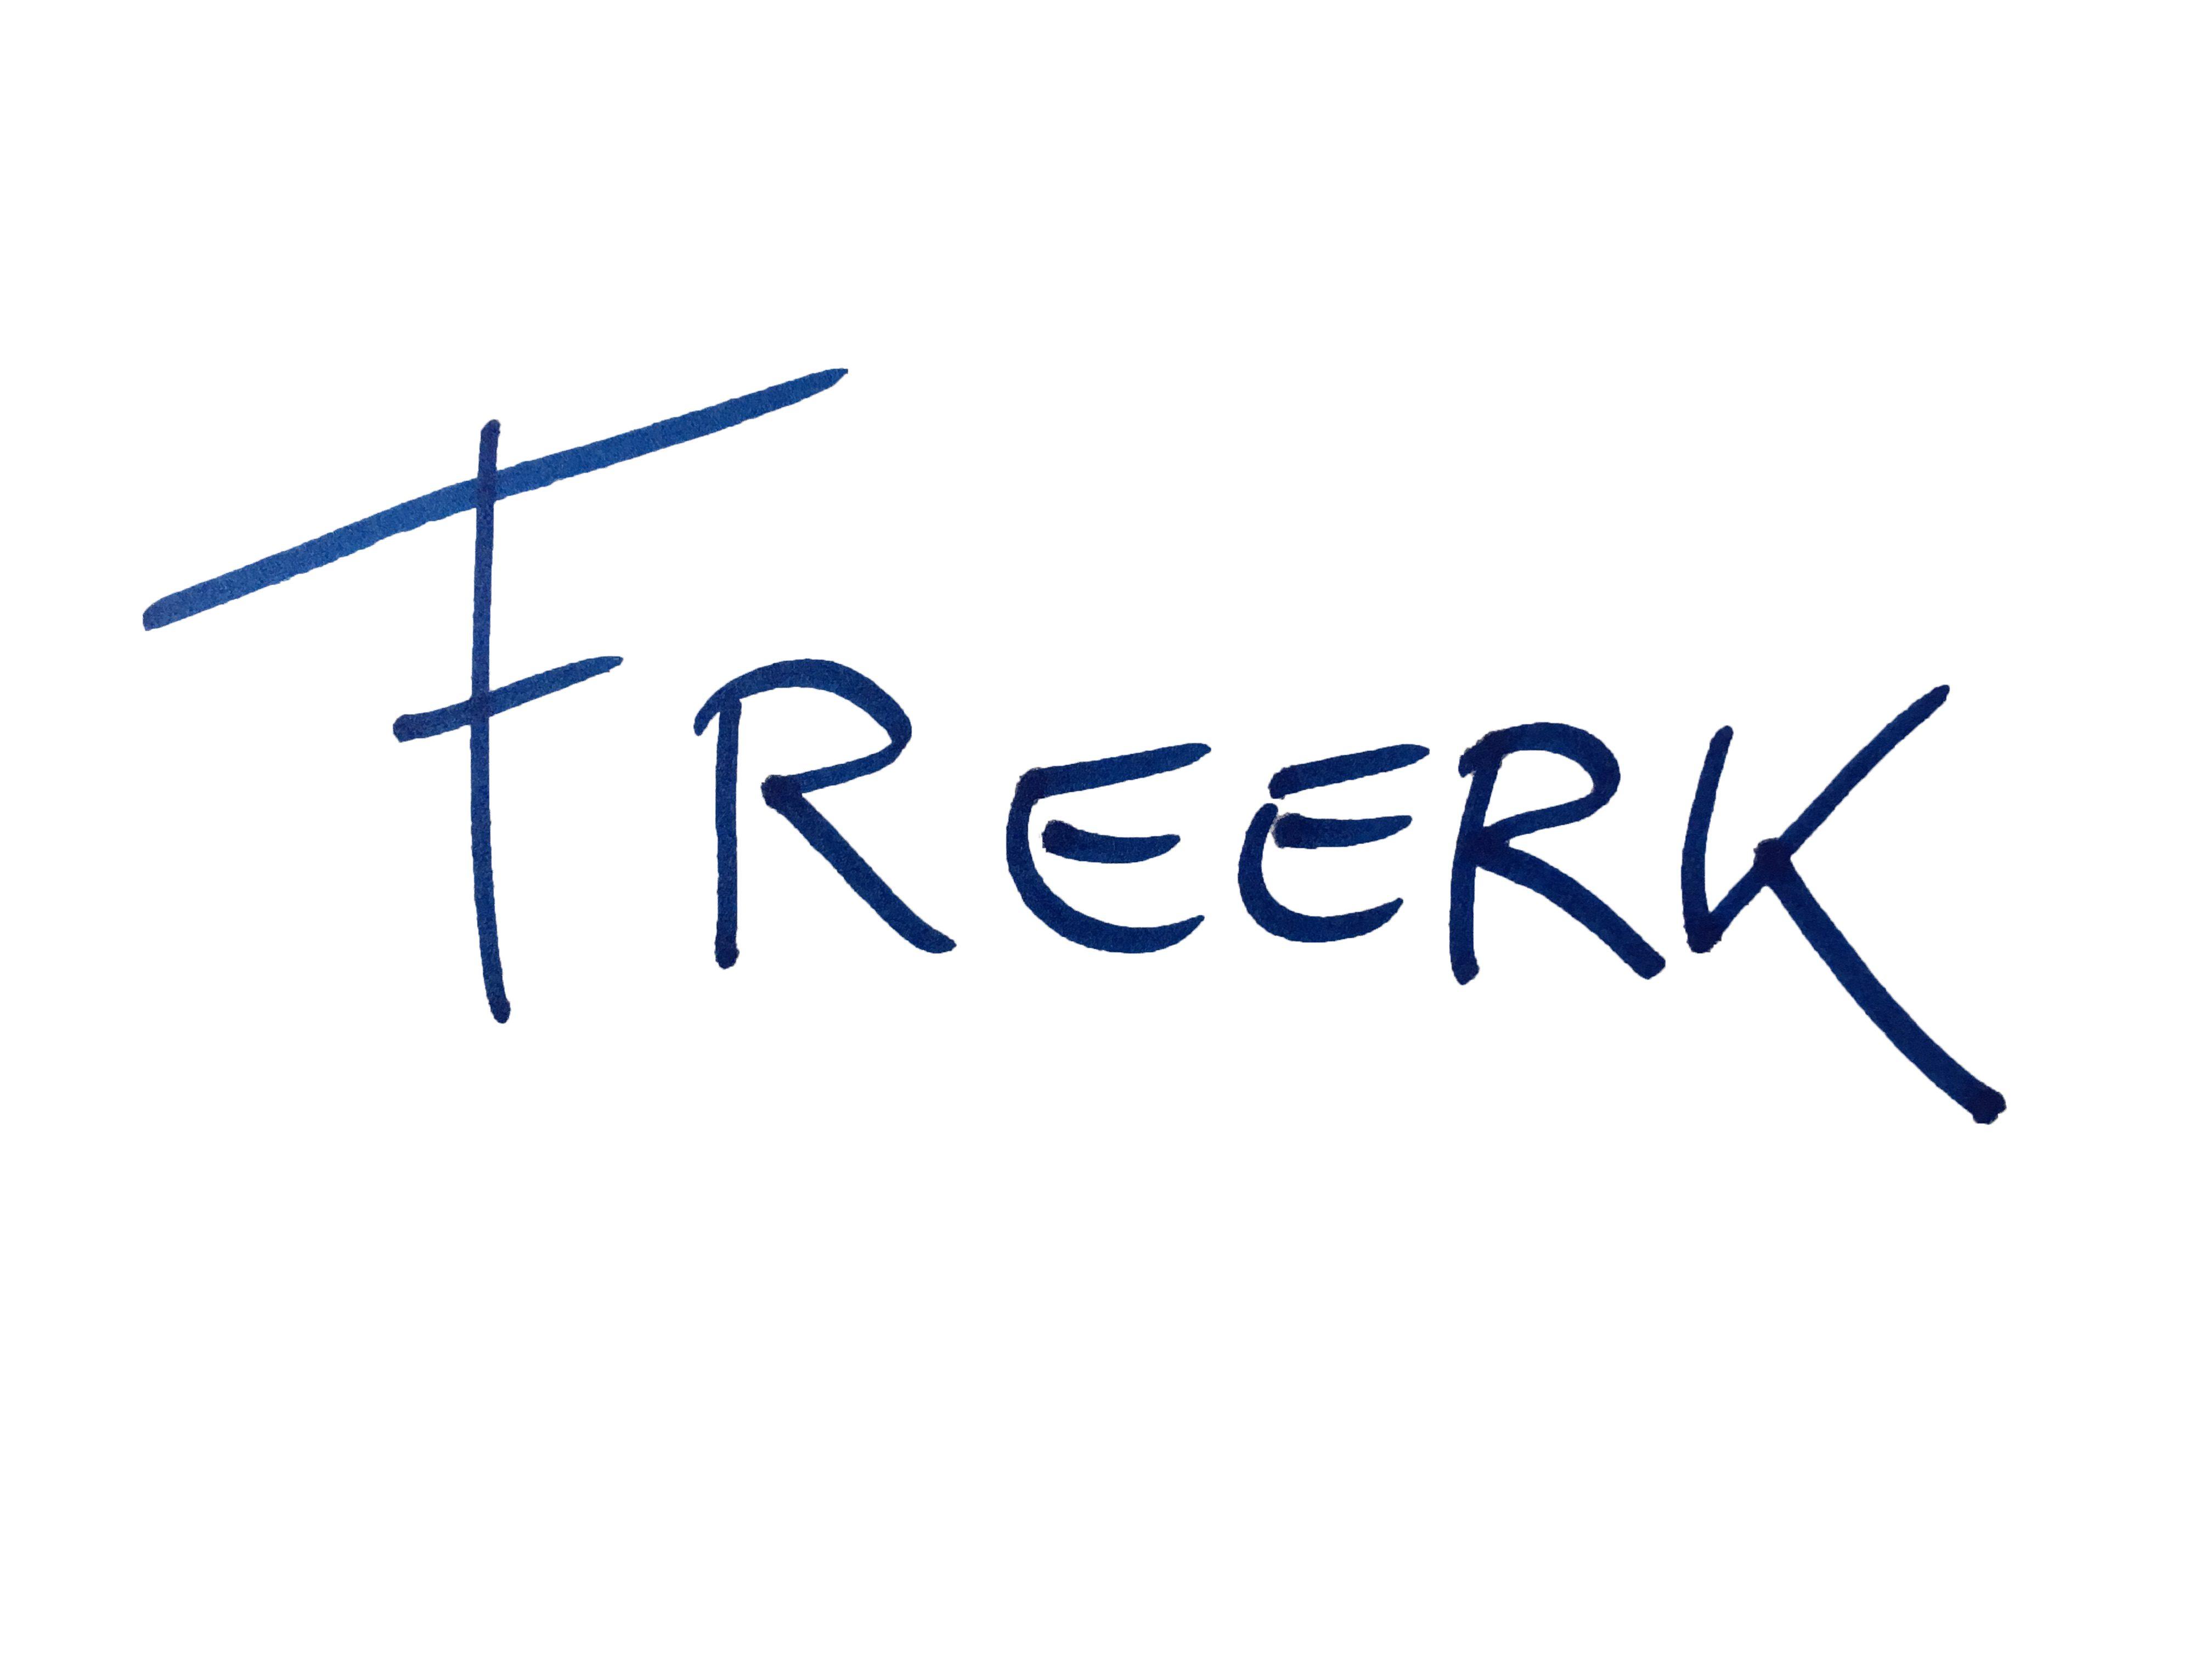 Freerk Teunissen